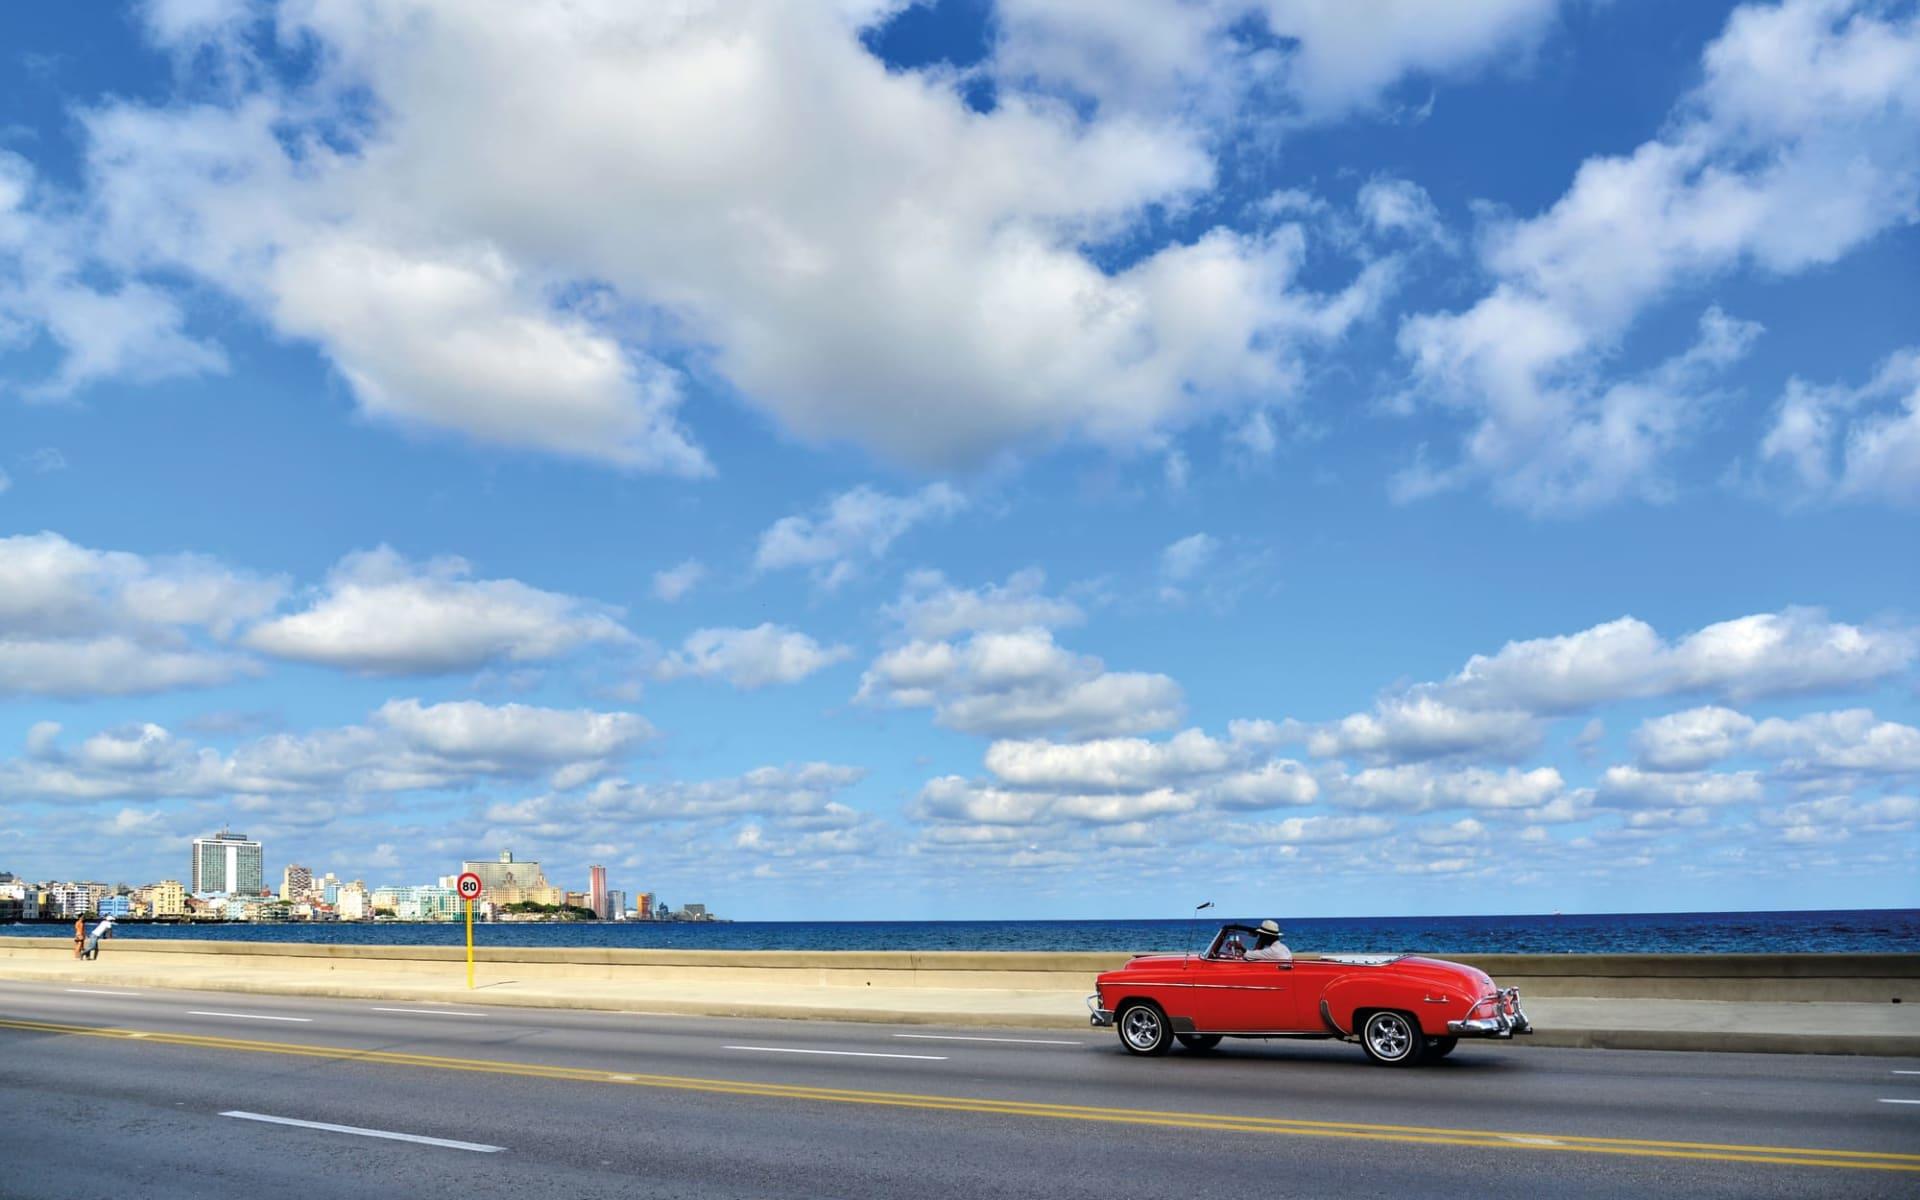 Cuba von West nach Ost ab Havanna: Kultur Oldtimer - Kuba alleine auf Strasse C